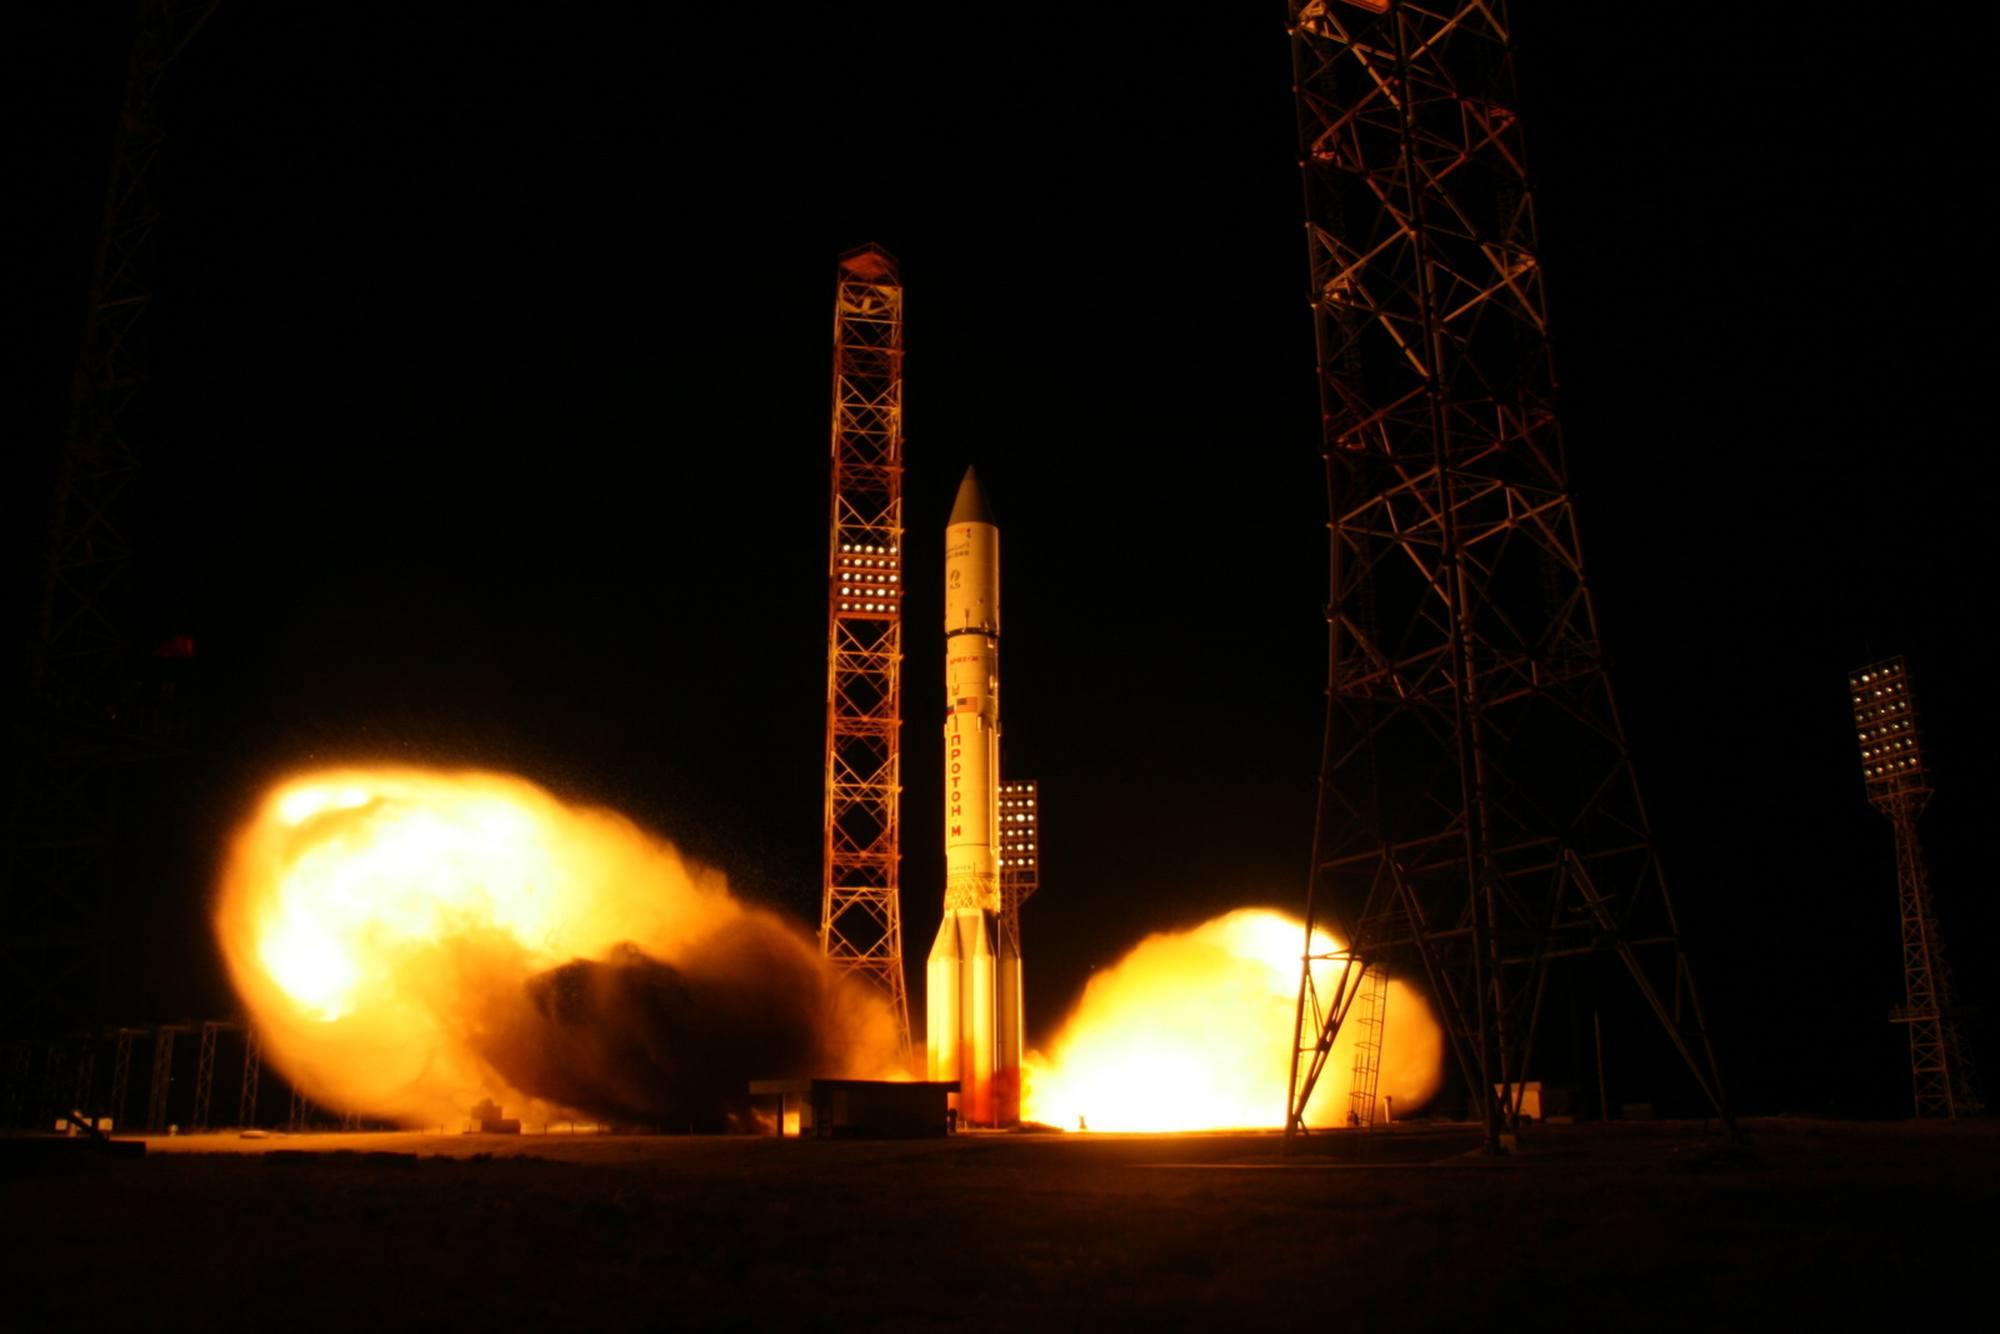 Une belle image de Proton-M au décollage depuis Baïkonour.